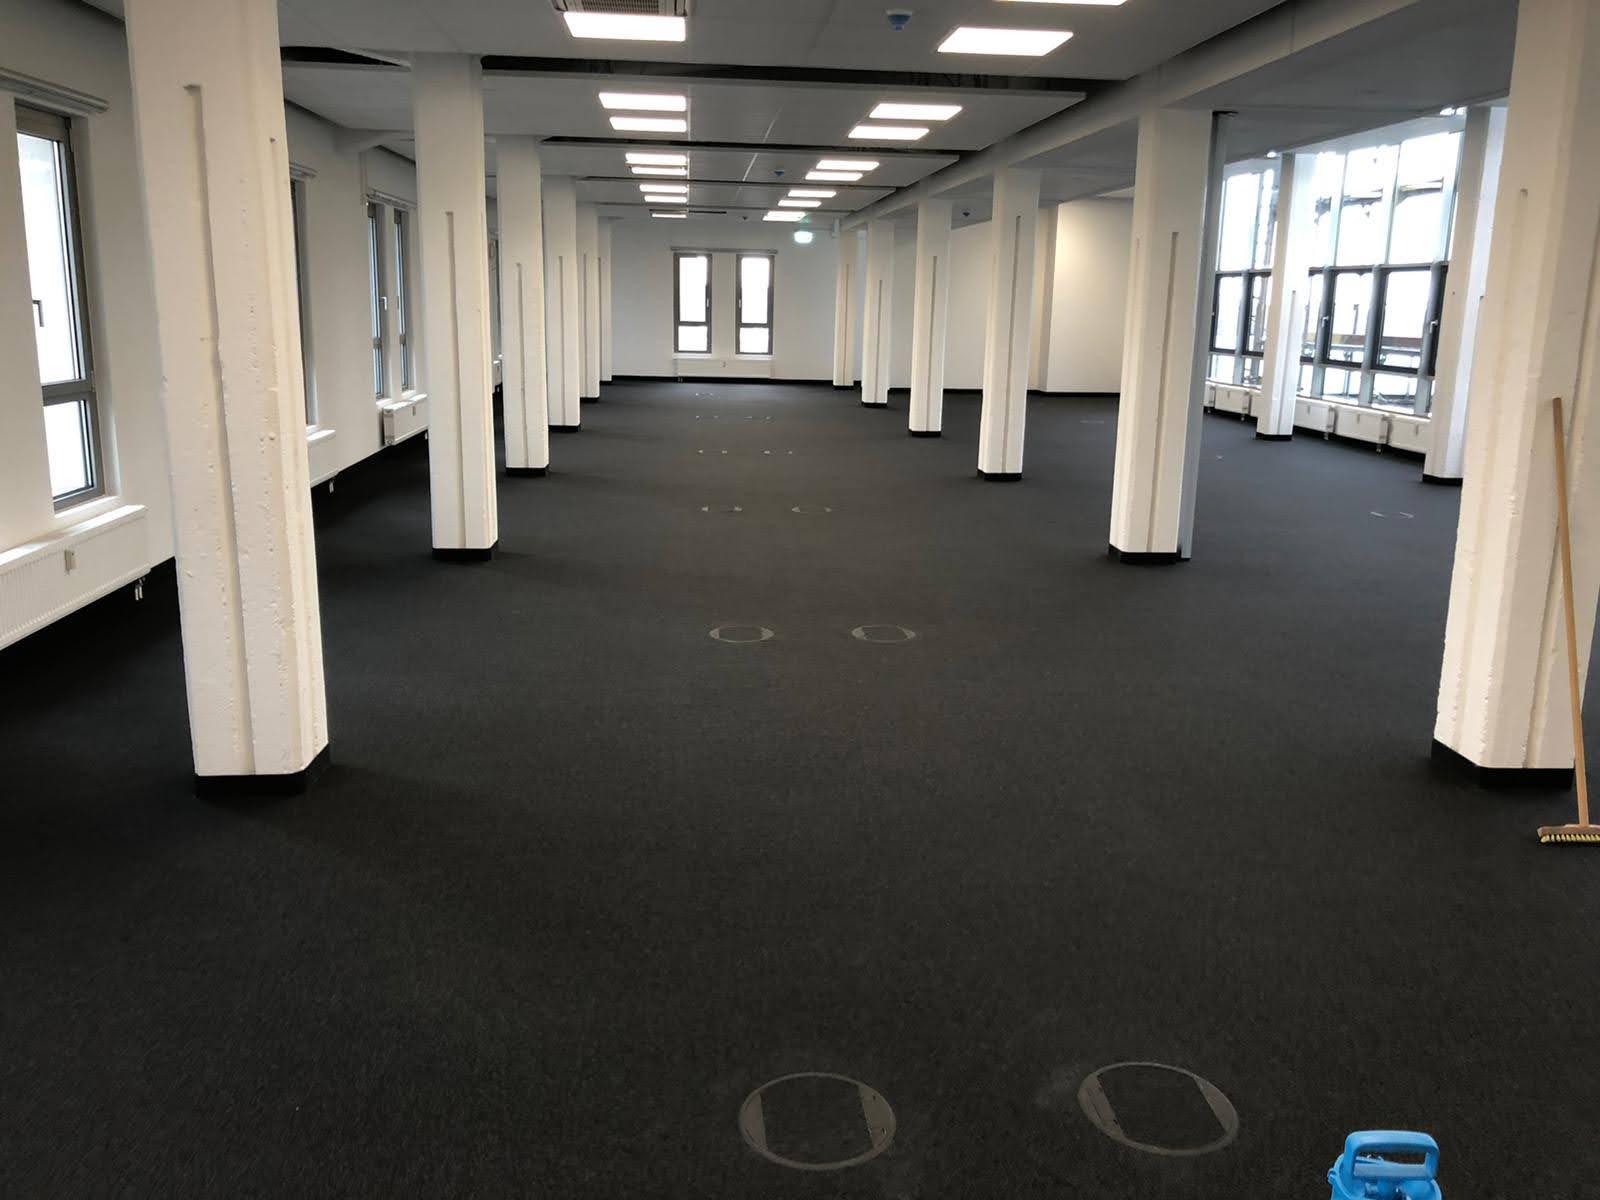 Gereinigter Teppichboden im Gebäude - Wischen ist Macht JAMES CLEAN GMBH Ihr Servicepartner seit 1996 aus Mönchengladbach aus Mönchengladbach